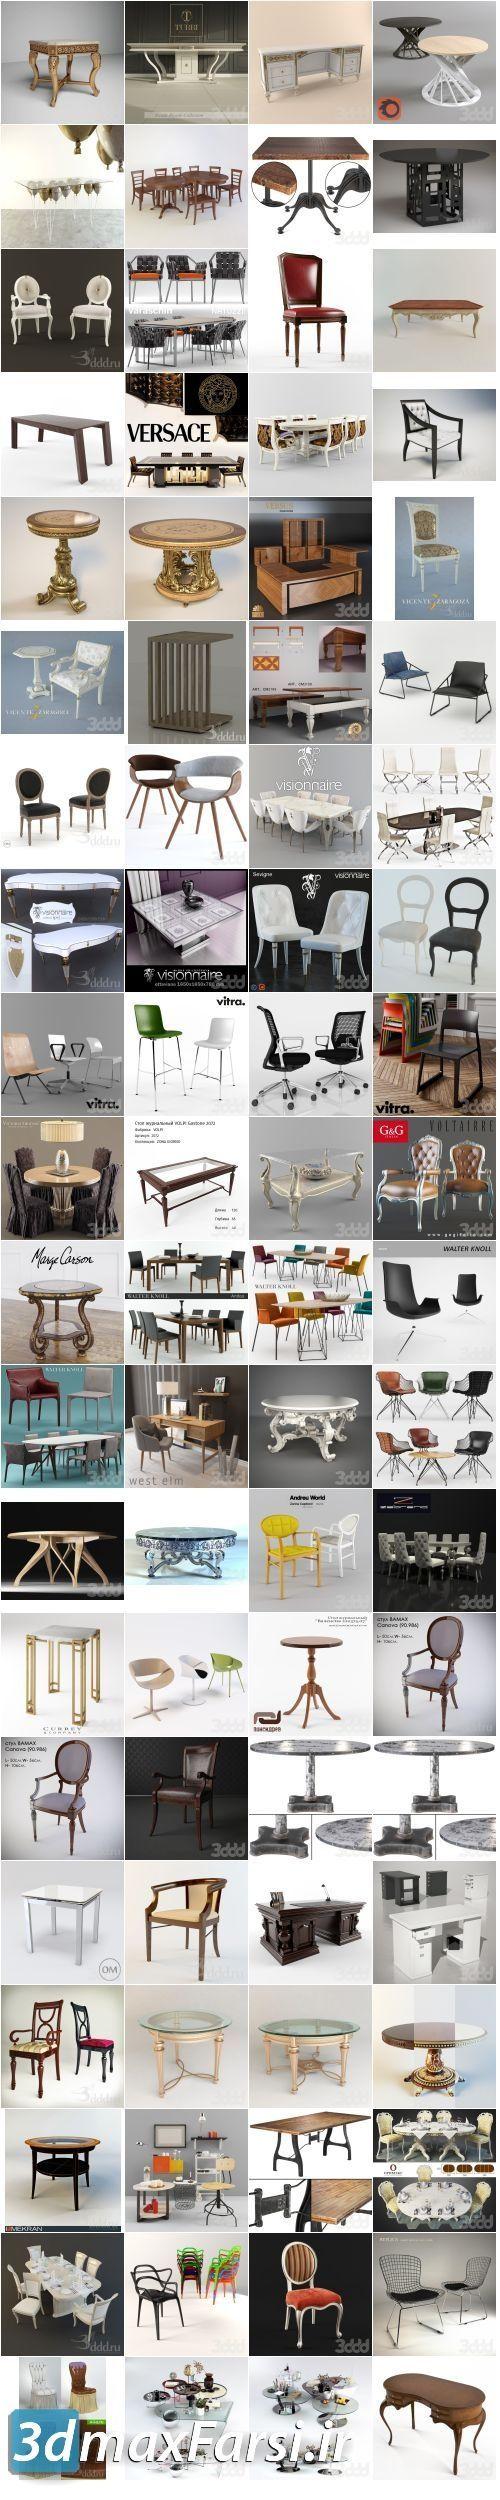 آبجکت مبلمان میز و صندلی - مدل سه بعدی مبل میز و صندلی